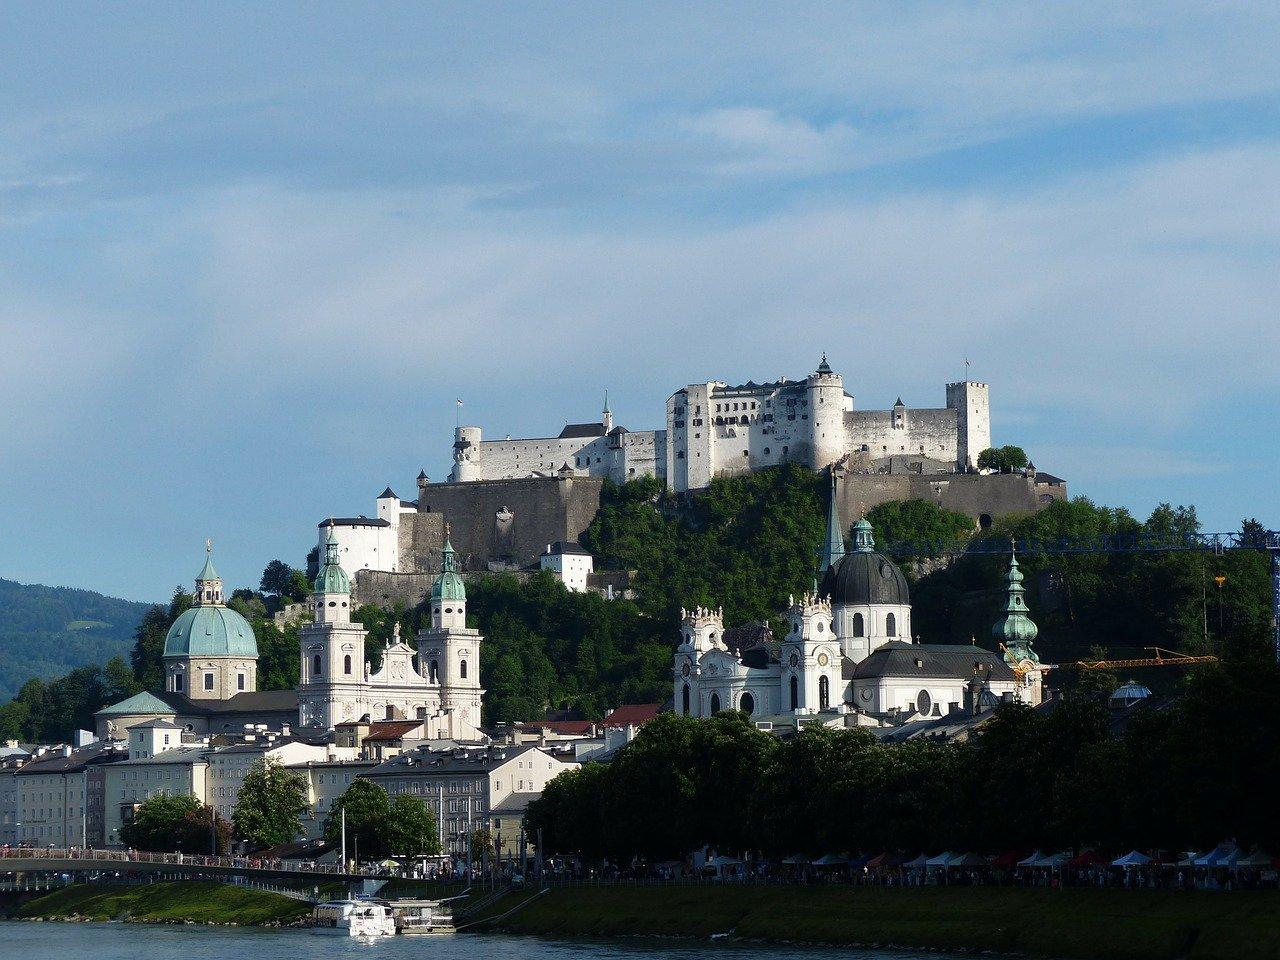 Hohensalzburg Castle, Best Places to Visit in Austria